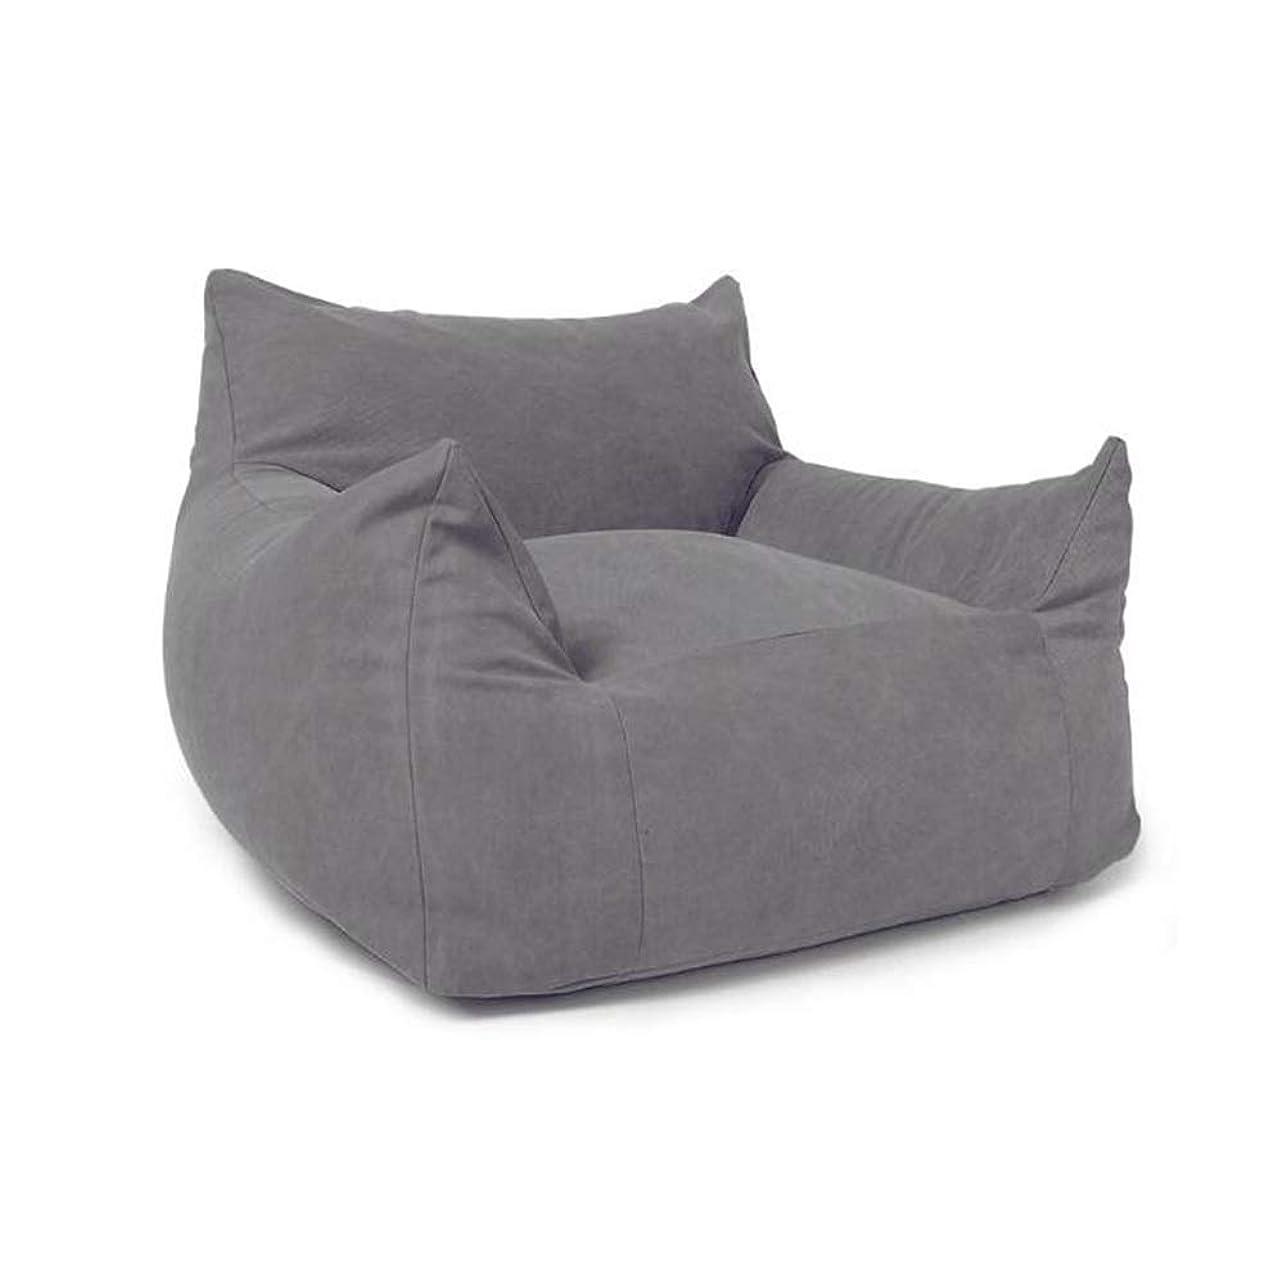 旧正月商品特許YQQ-怠惰なソファ ビーンバッグチェア大人のビーンバッグアームチェア怠惰なソファビーンバッグシートチェア用リビングルームの寝室のバルコニー (Color : Gray)